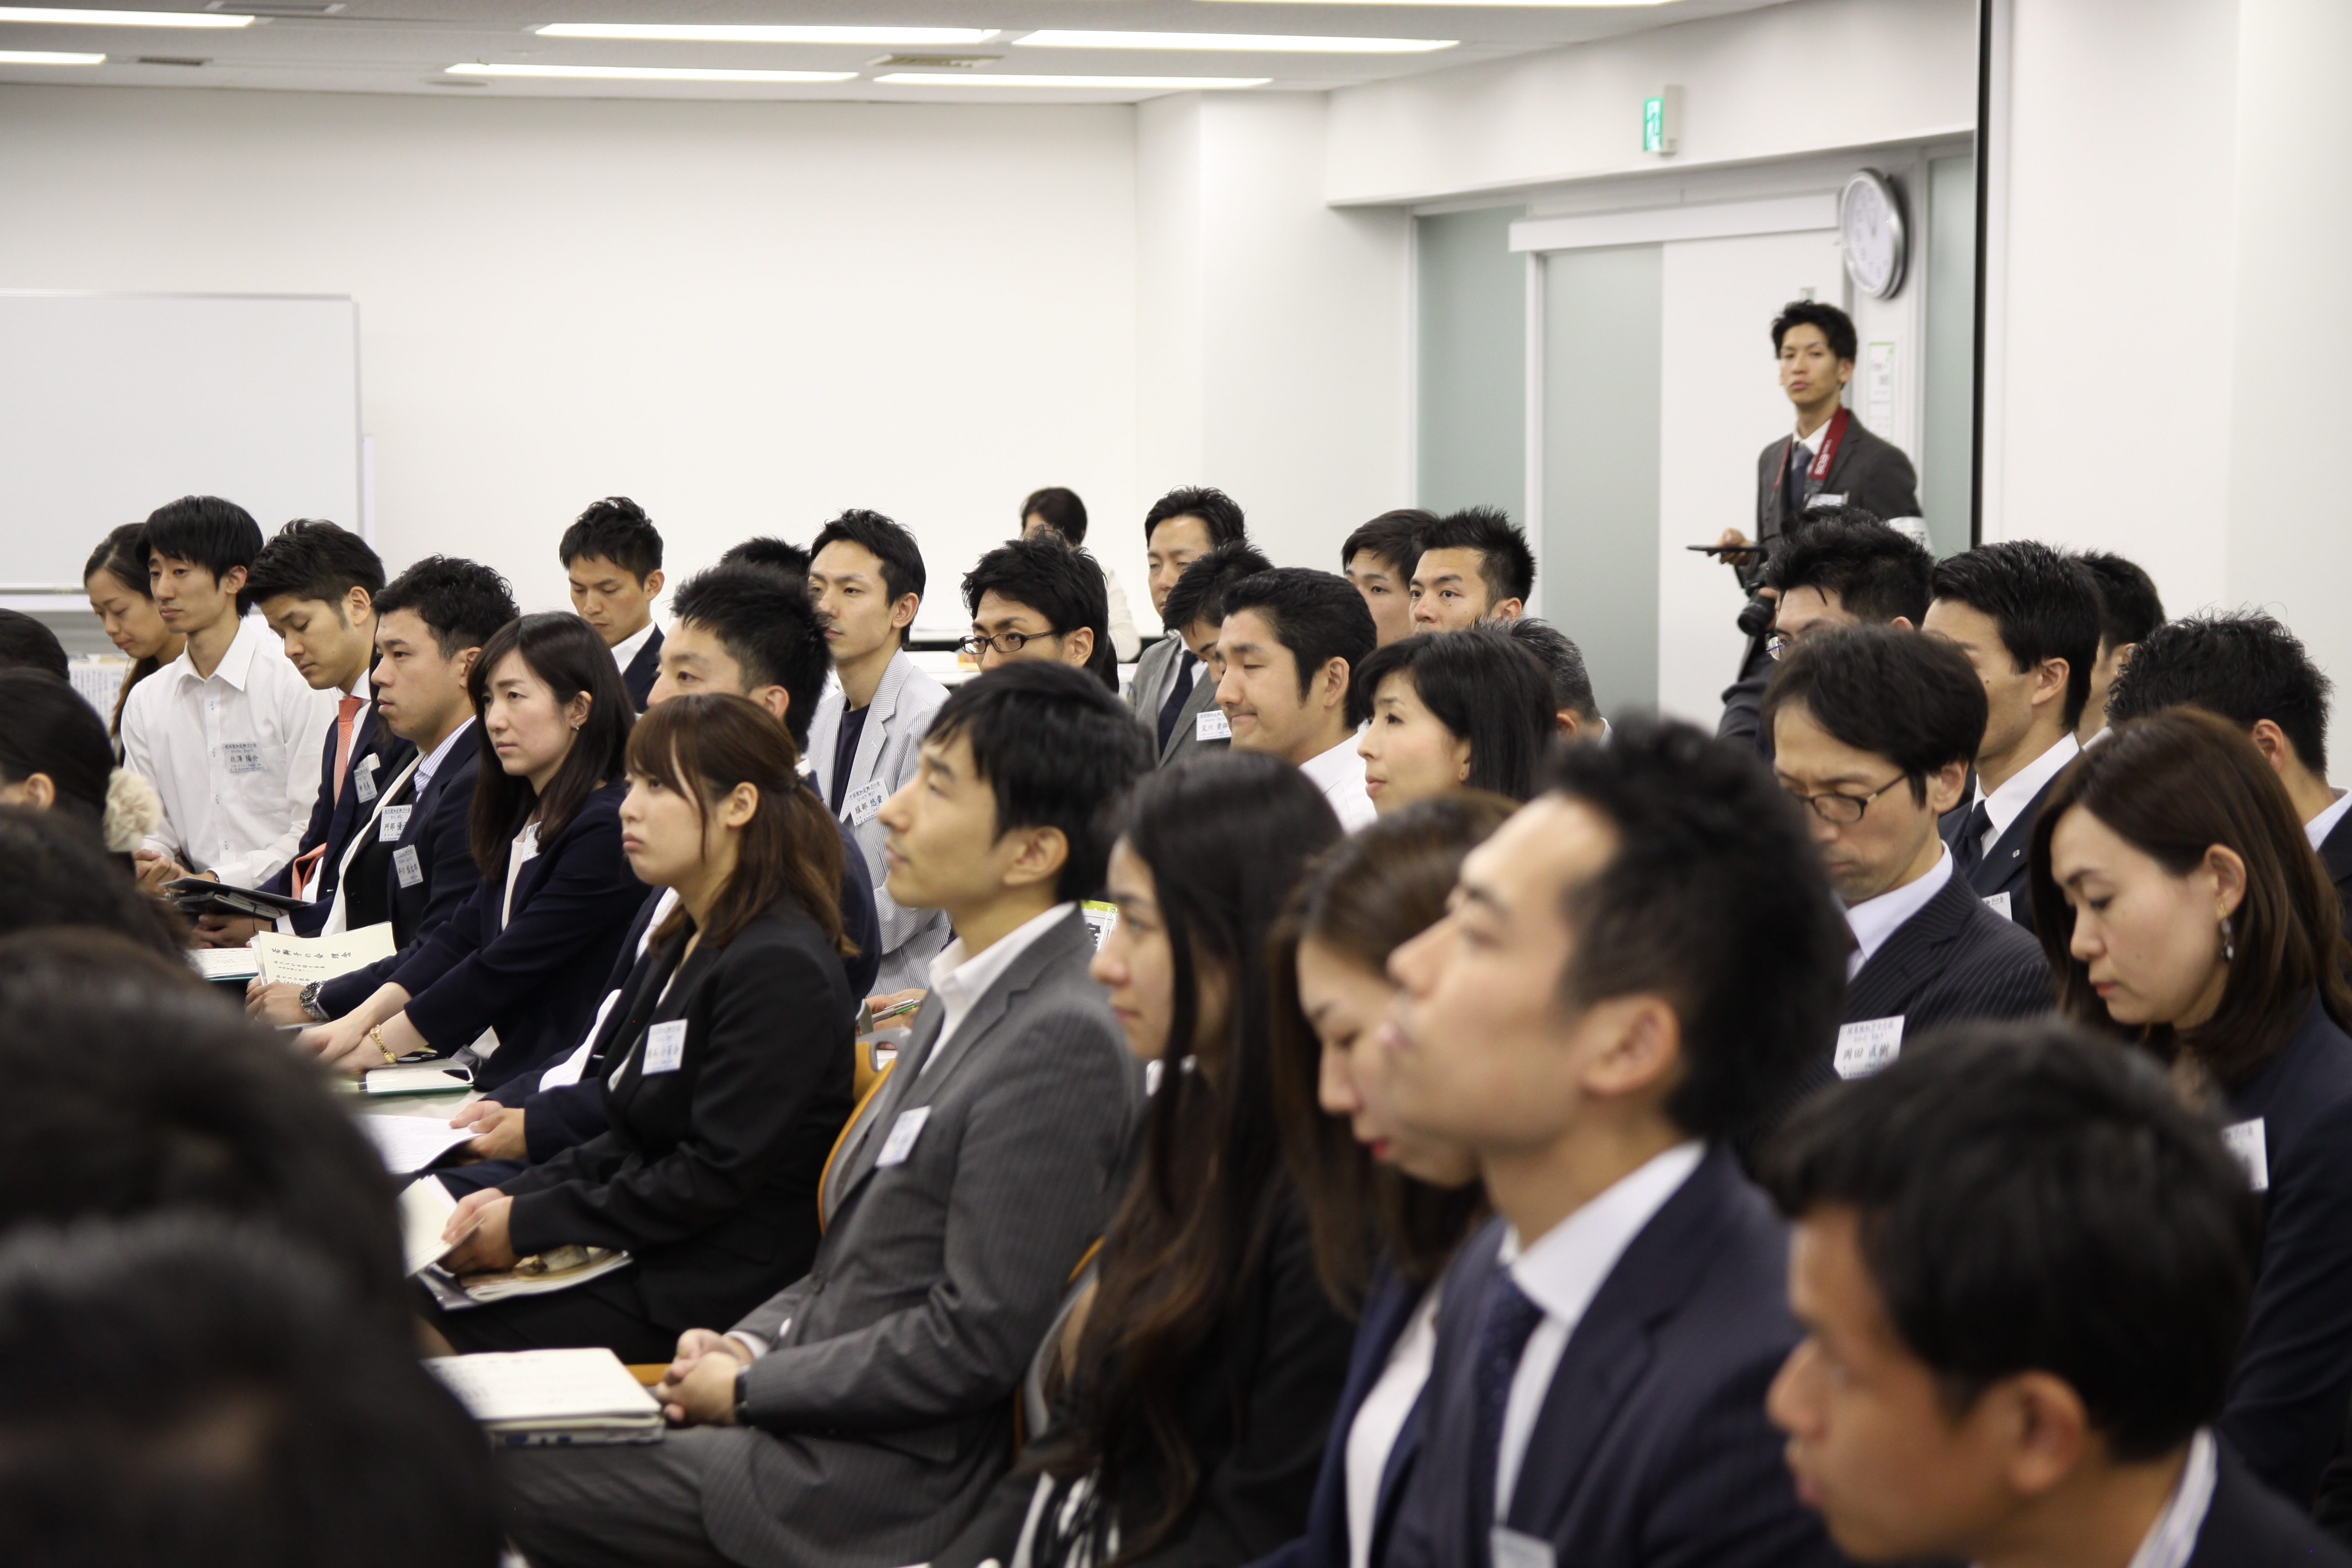 IMG 4599 - 関東若獅子の会、記念すべき第100回